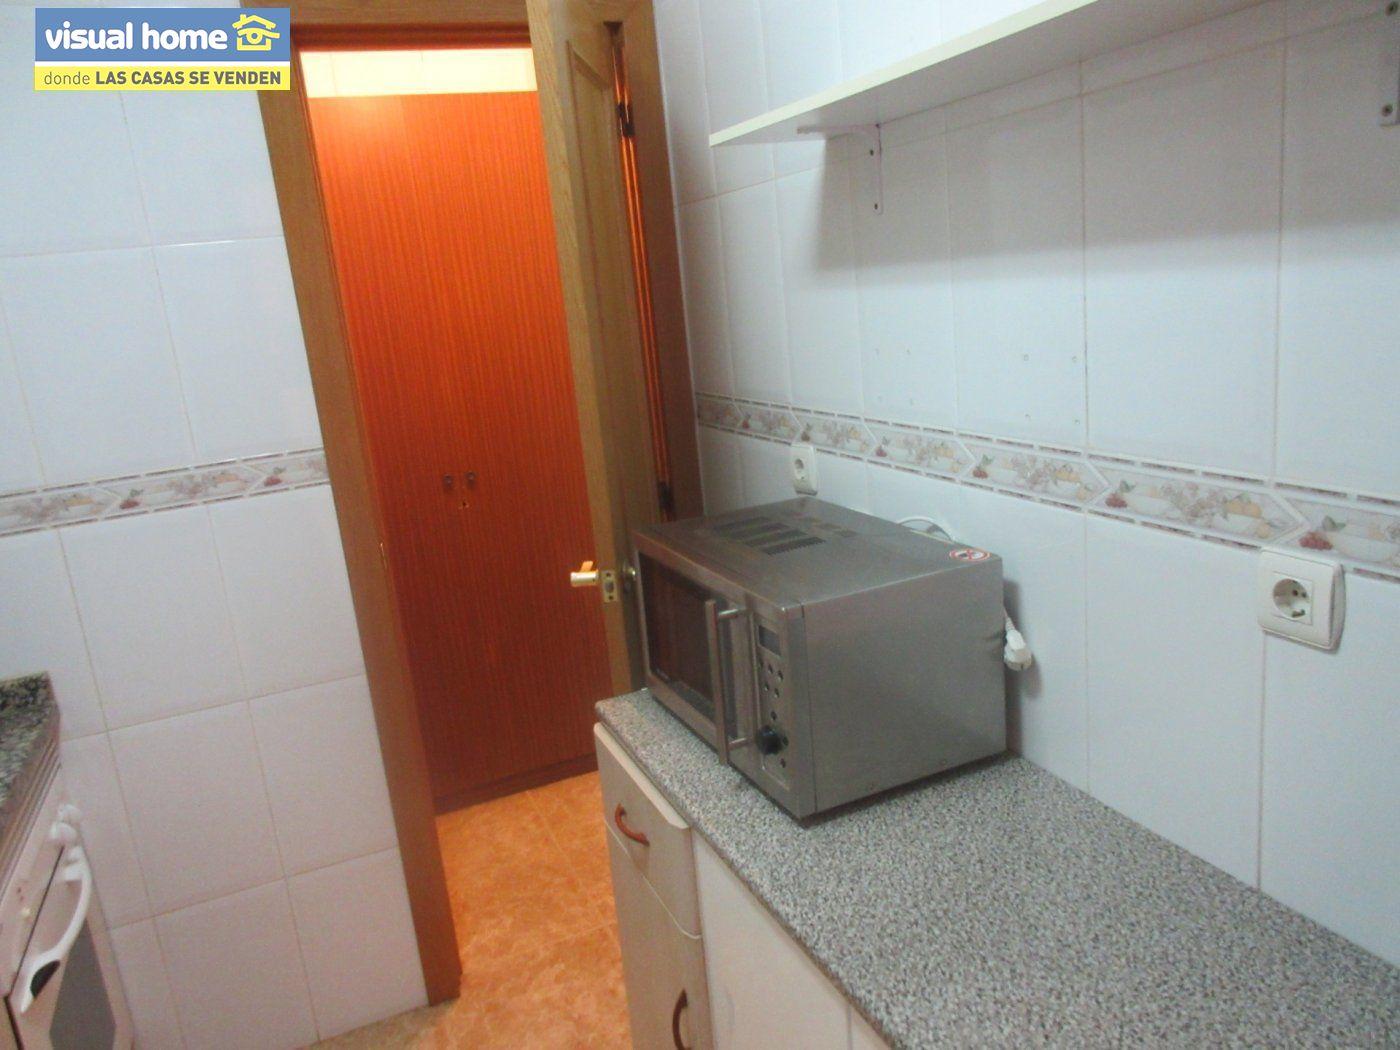 Apartamento 1 dormitorio con vistas espectaculares con parking y piscina en Rincón de Loix llano 15